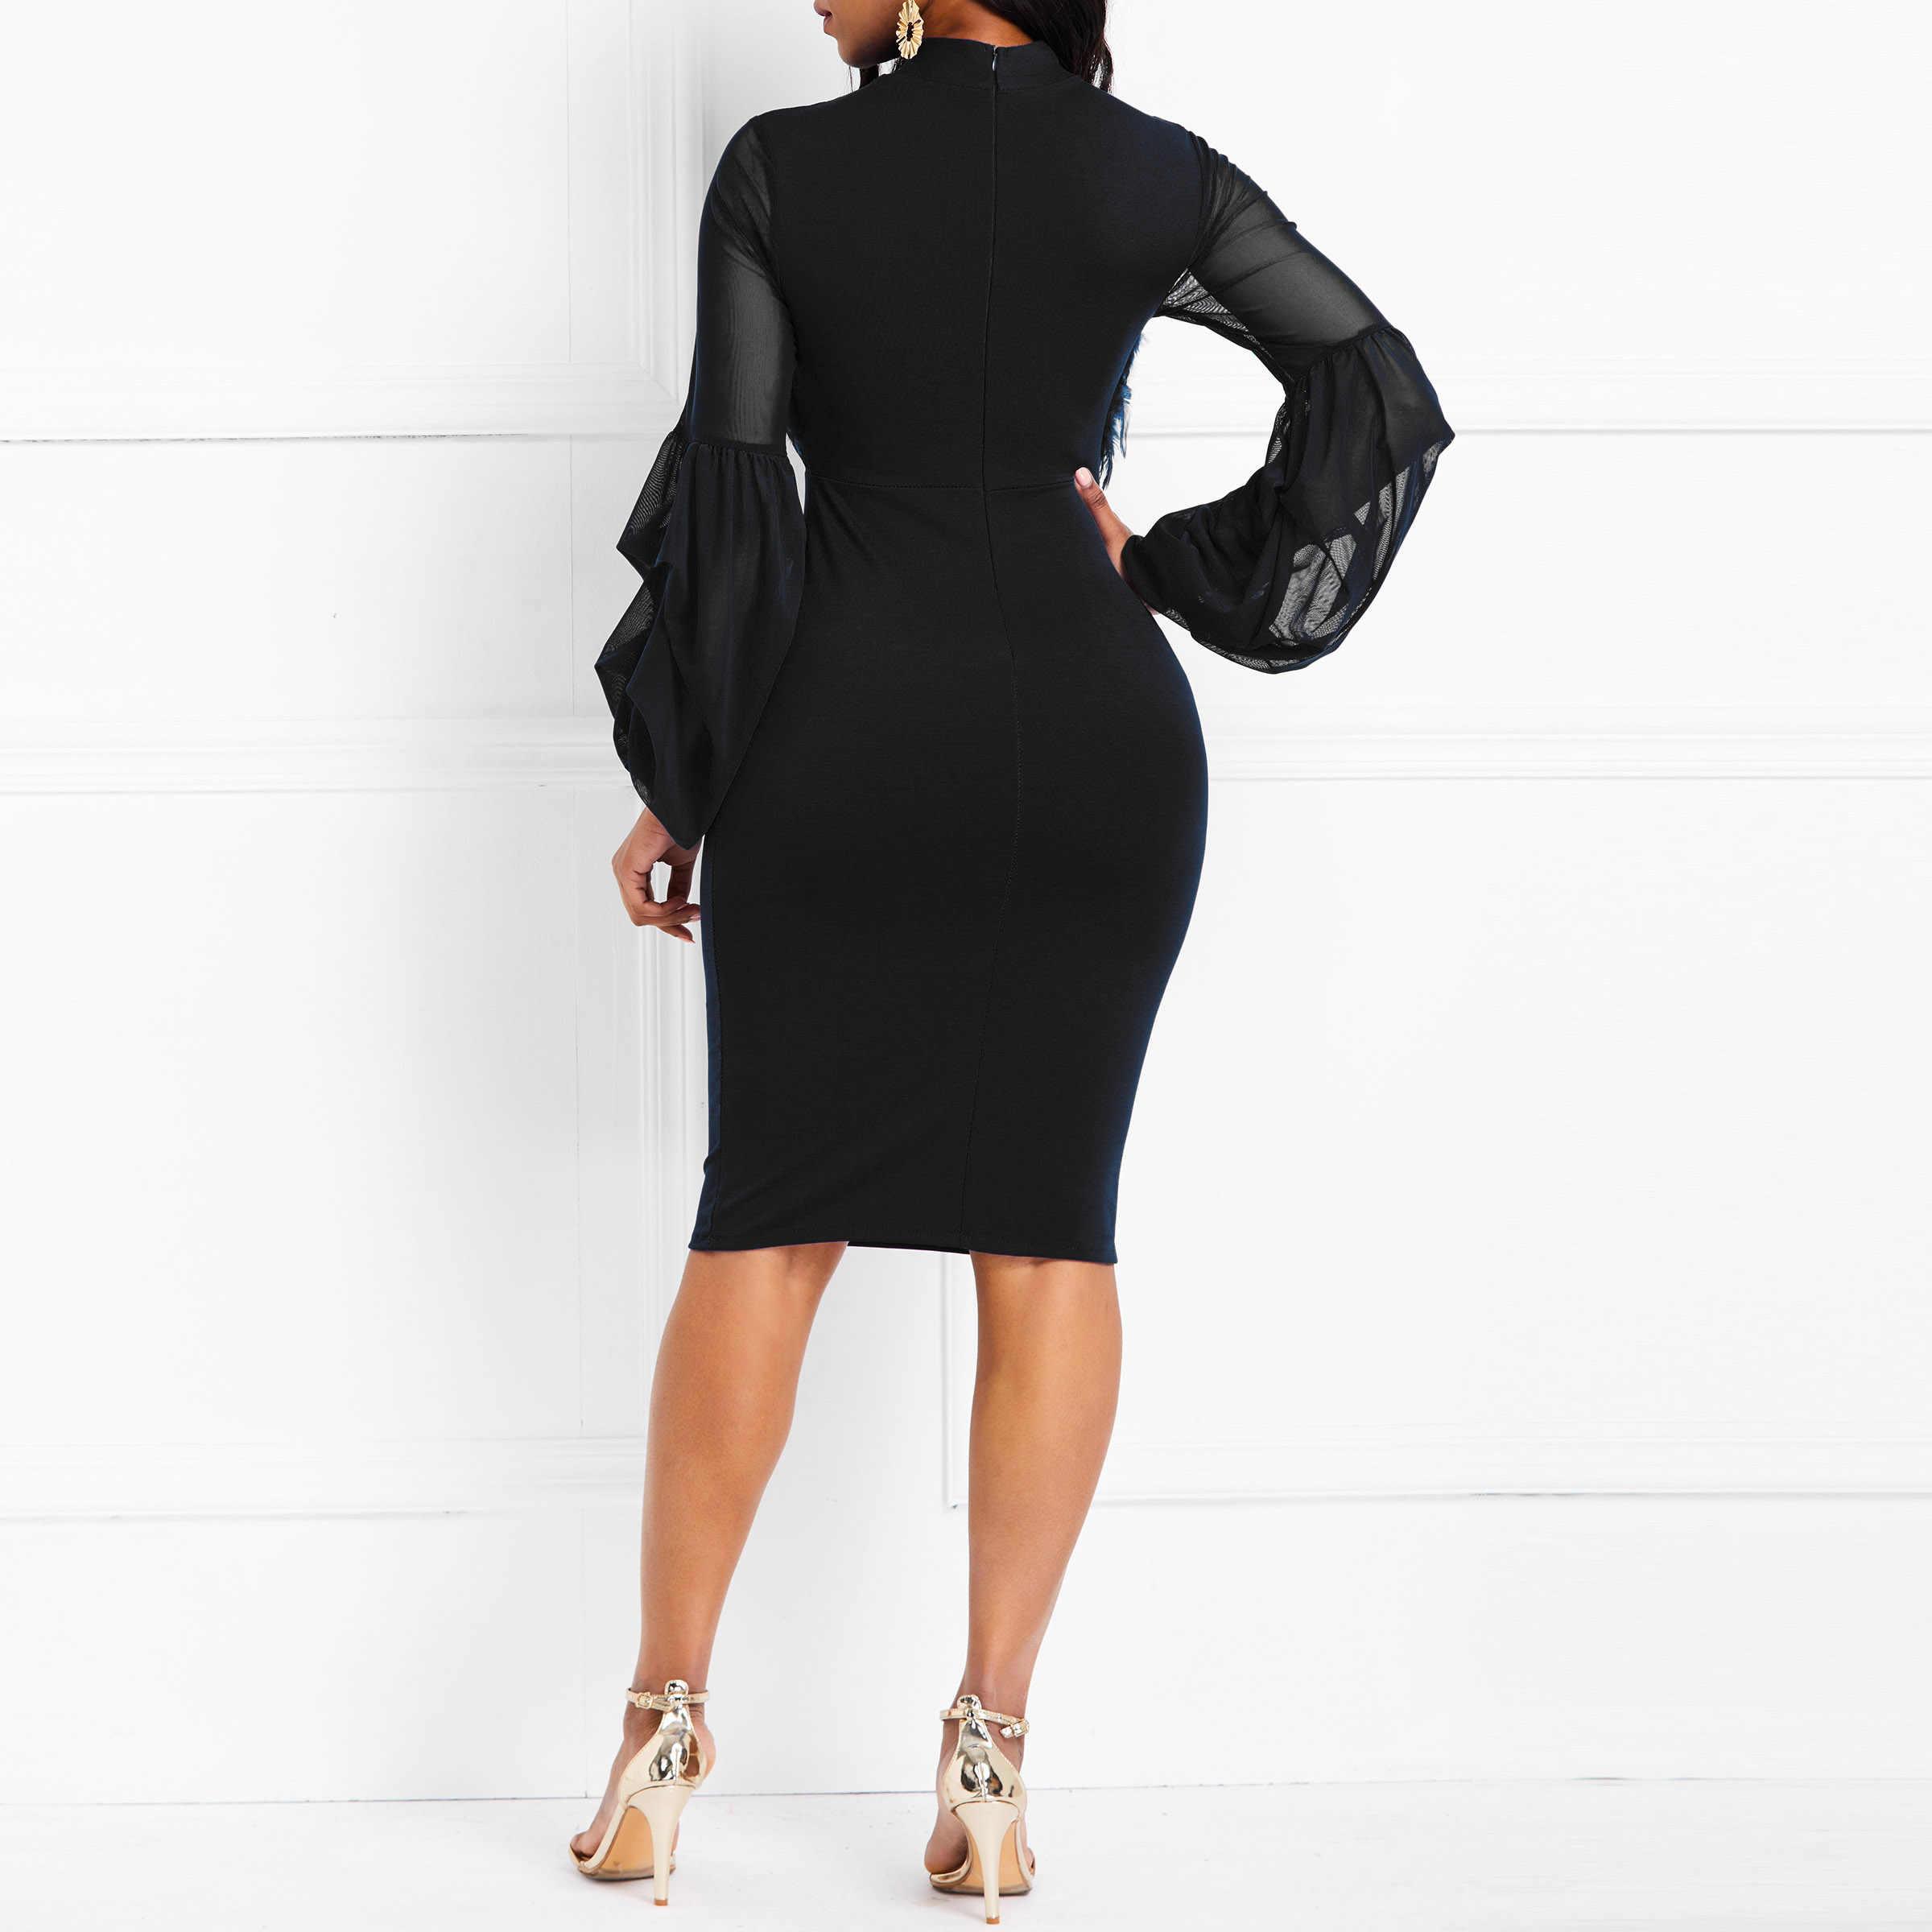 Sisjuly вечернее сексуальное Клубное женское платье из тюля, перья ярко-синего цвета, прозрачное облегающее платье, одежда для работы, короткое тонкое базовое платье